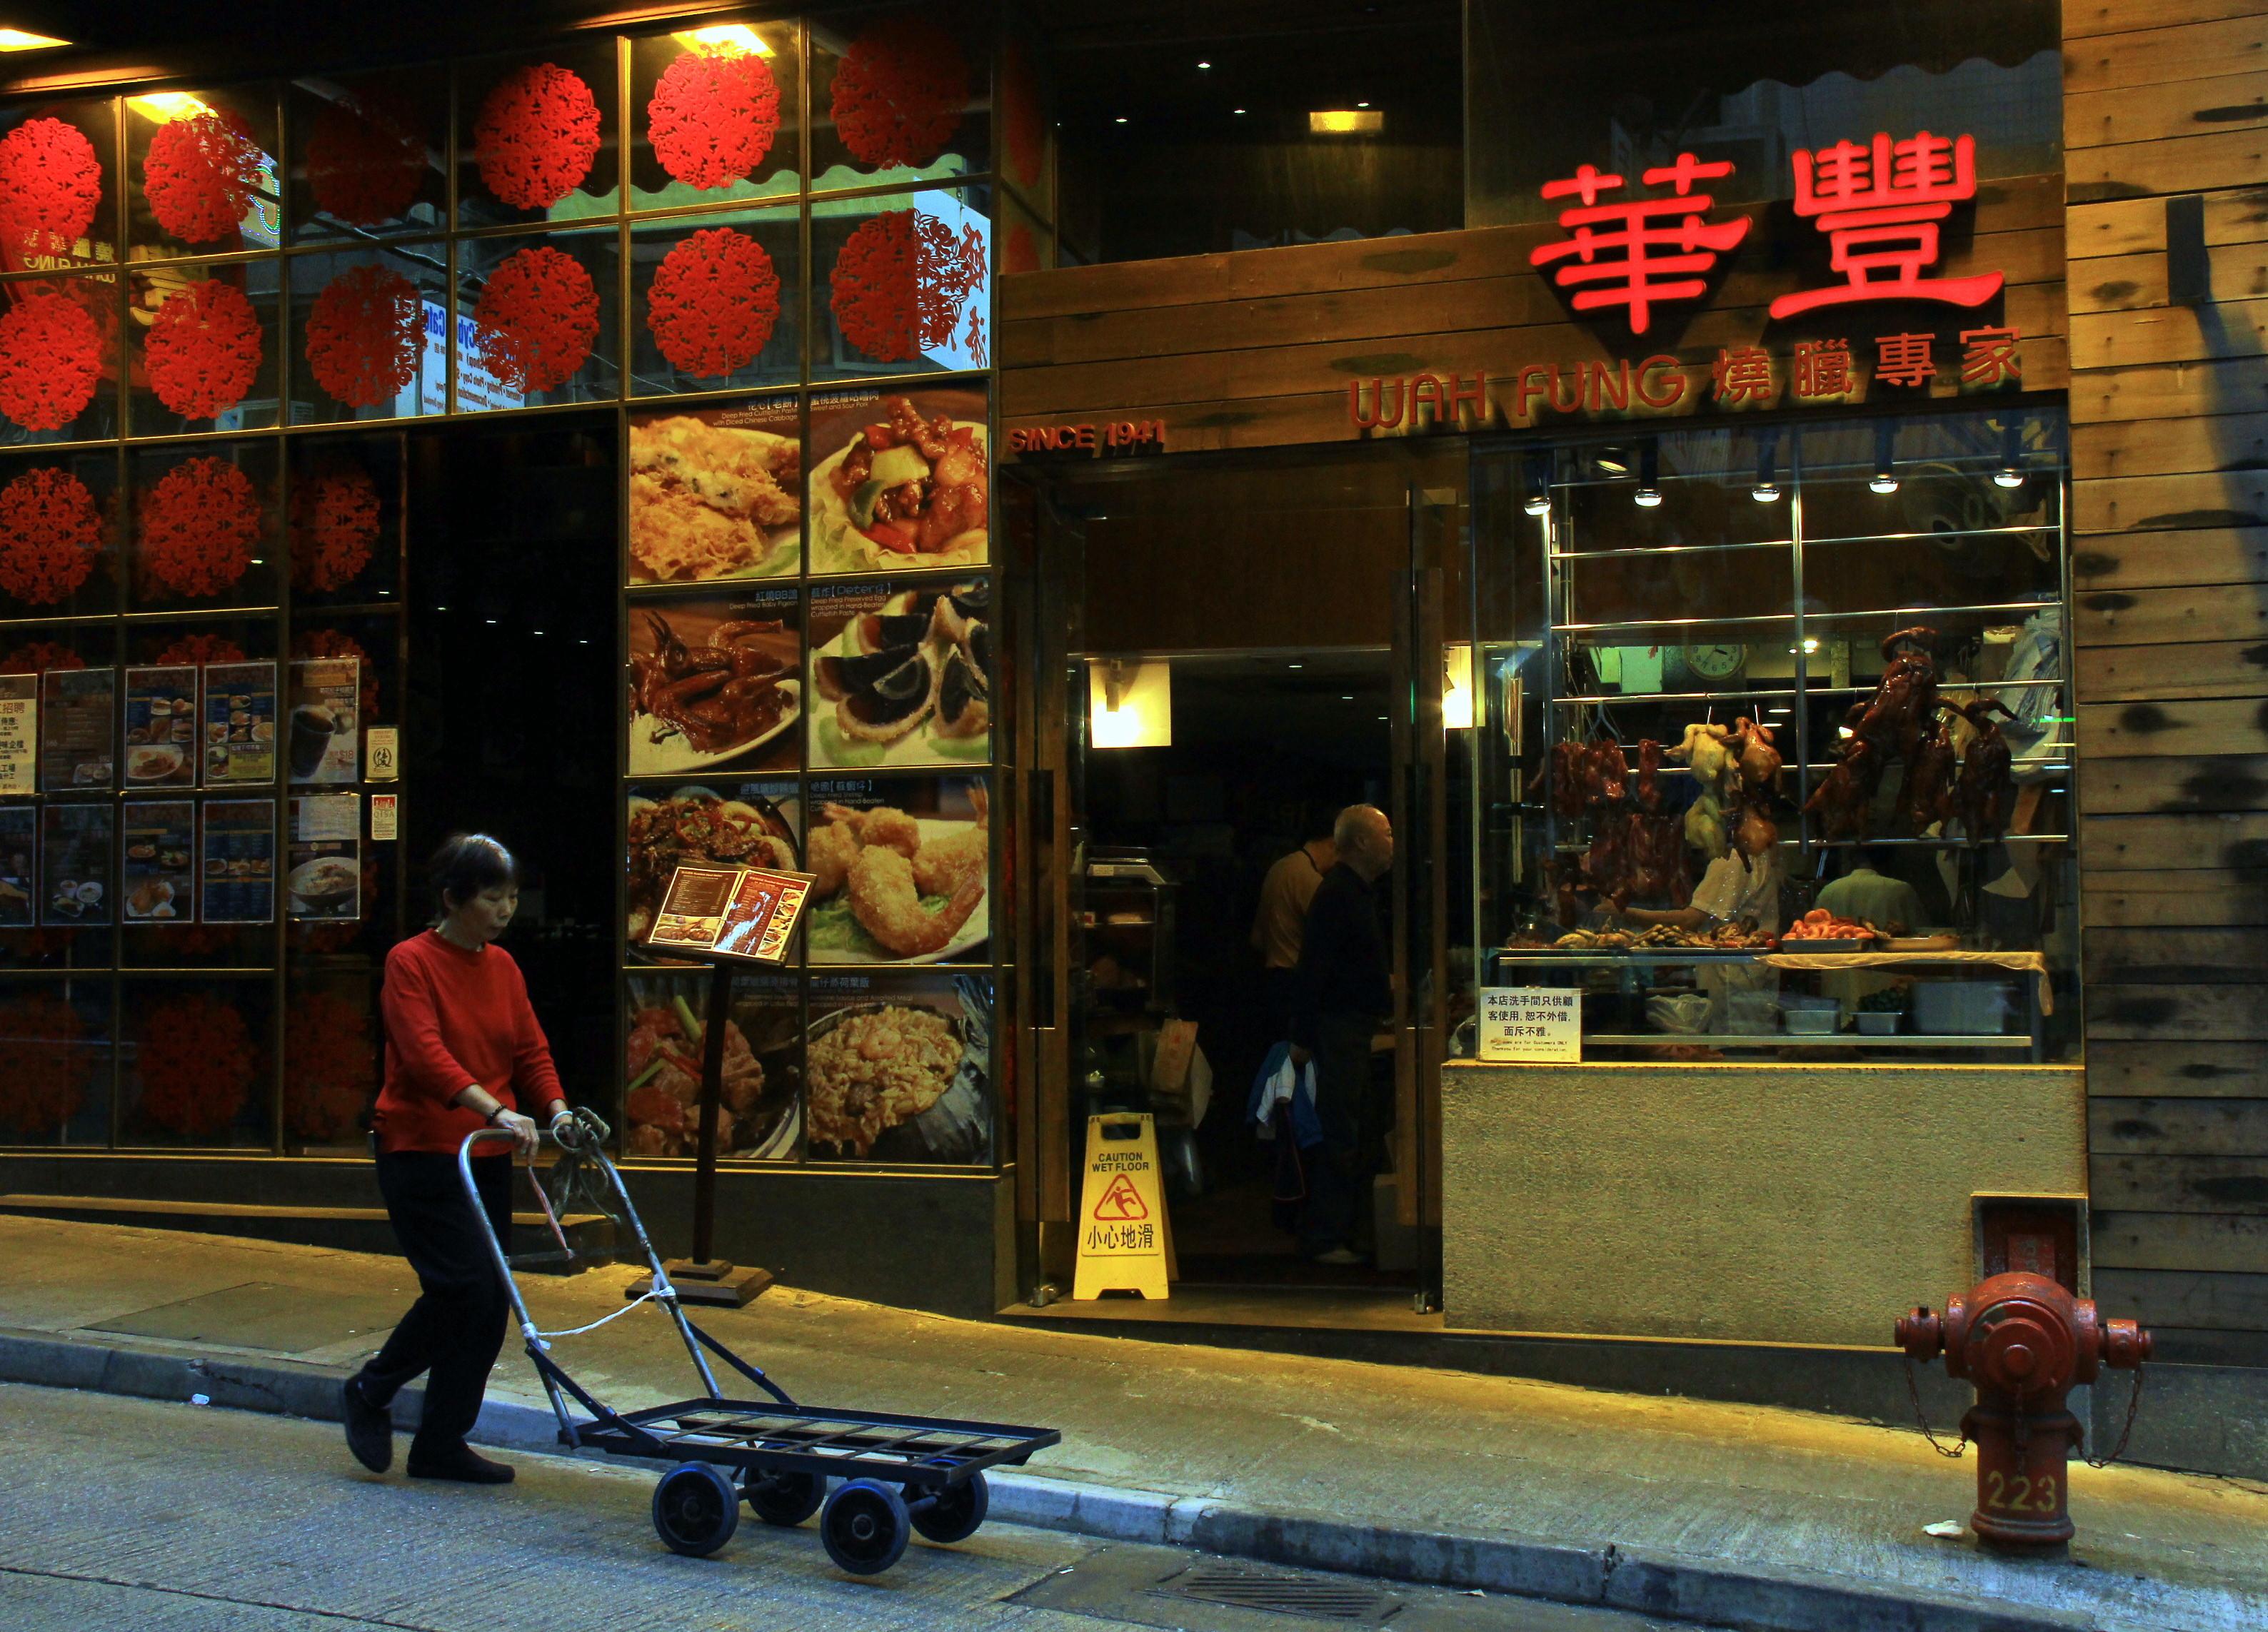 #hongkongfood #hongkongtourism